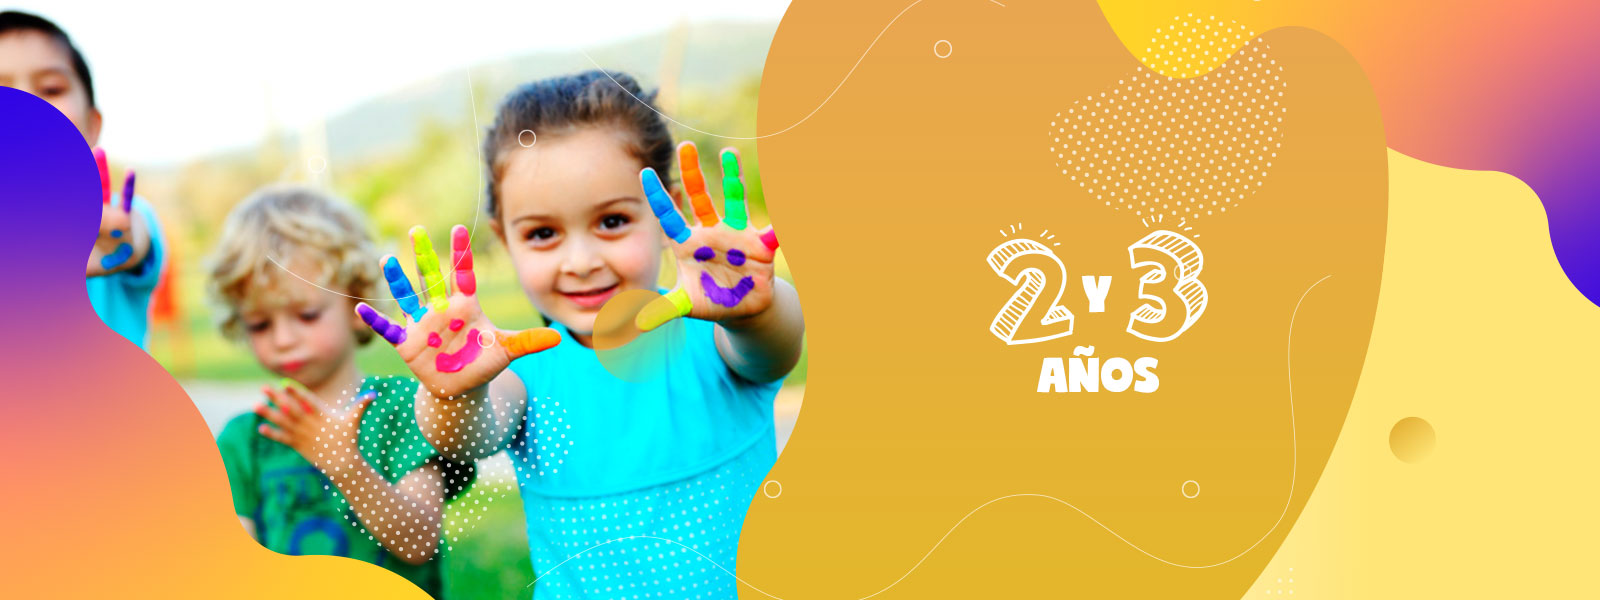 Clases | 2 - 3 Años | Ministerio de Niños